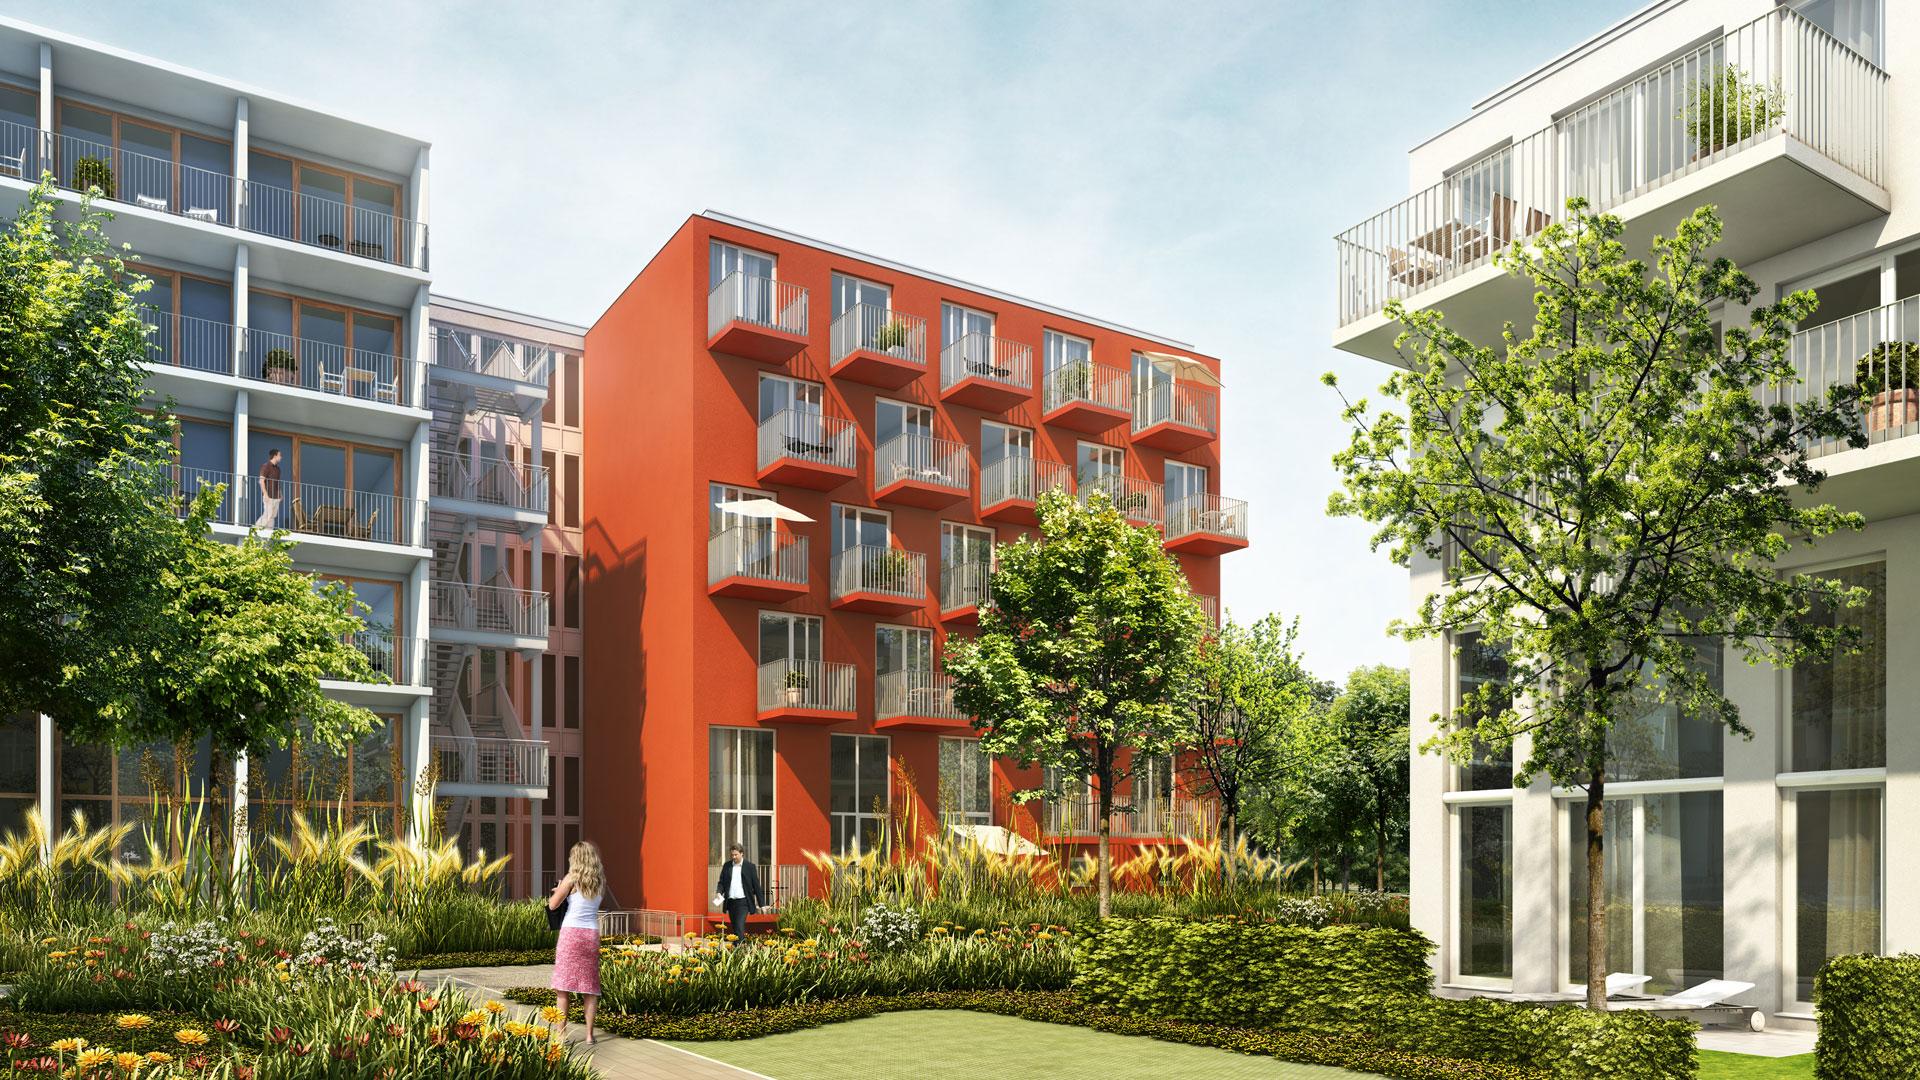 Gartenansicht des Apartmenthauses studiomuc mit harmonischer Fassadengestaltung vom Architekturbüro atelier8 in Frankfurt